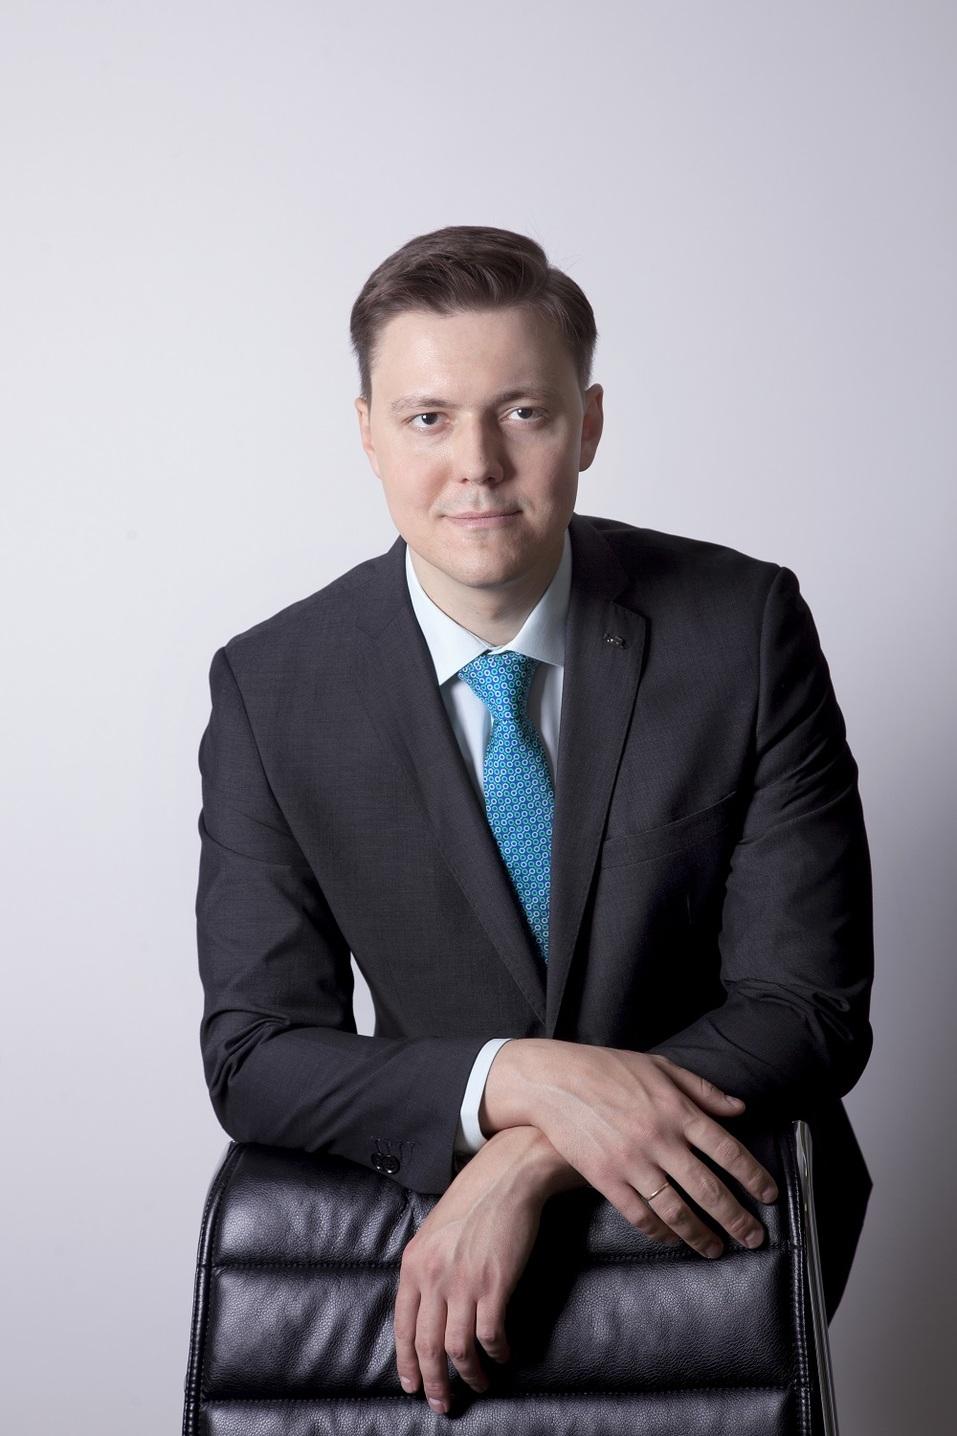 Михаил Иванов: «Строим будущее, сохраняя ценности»  1